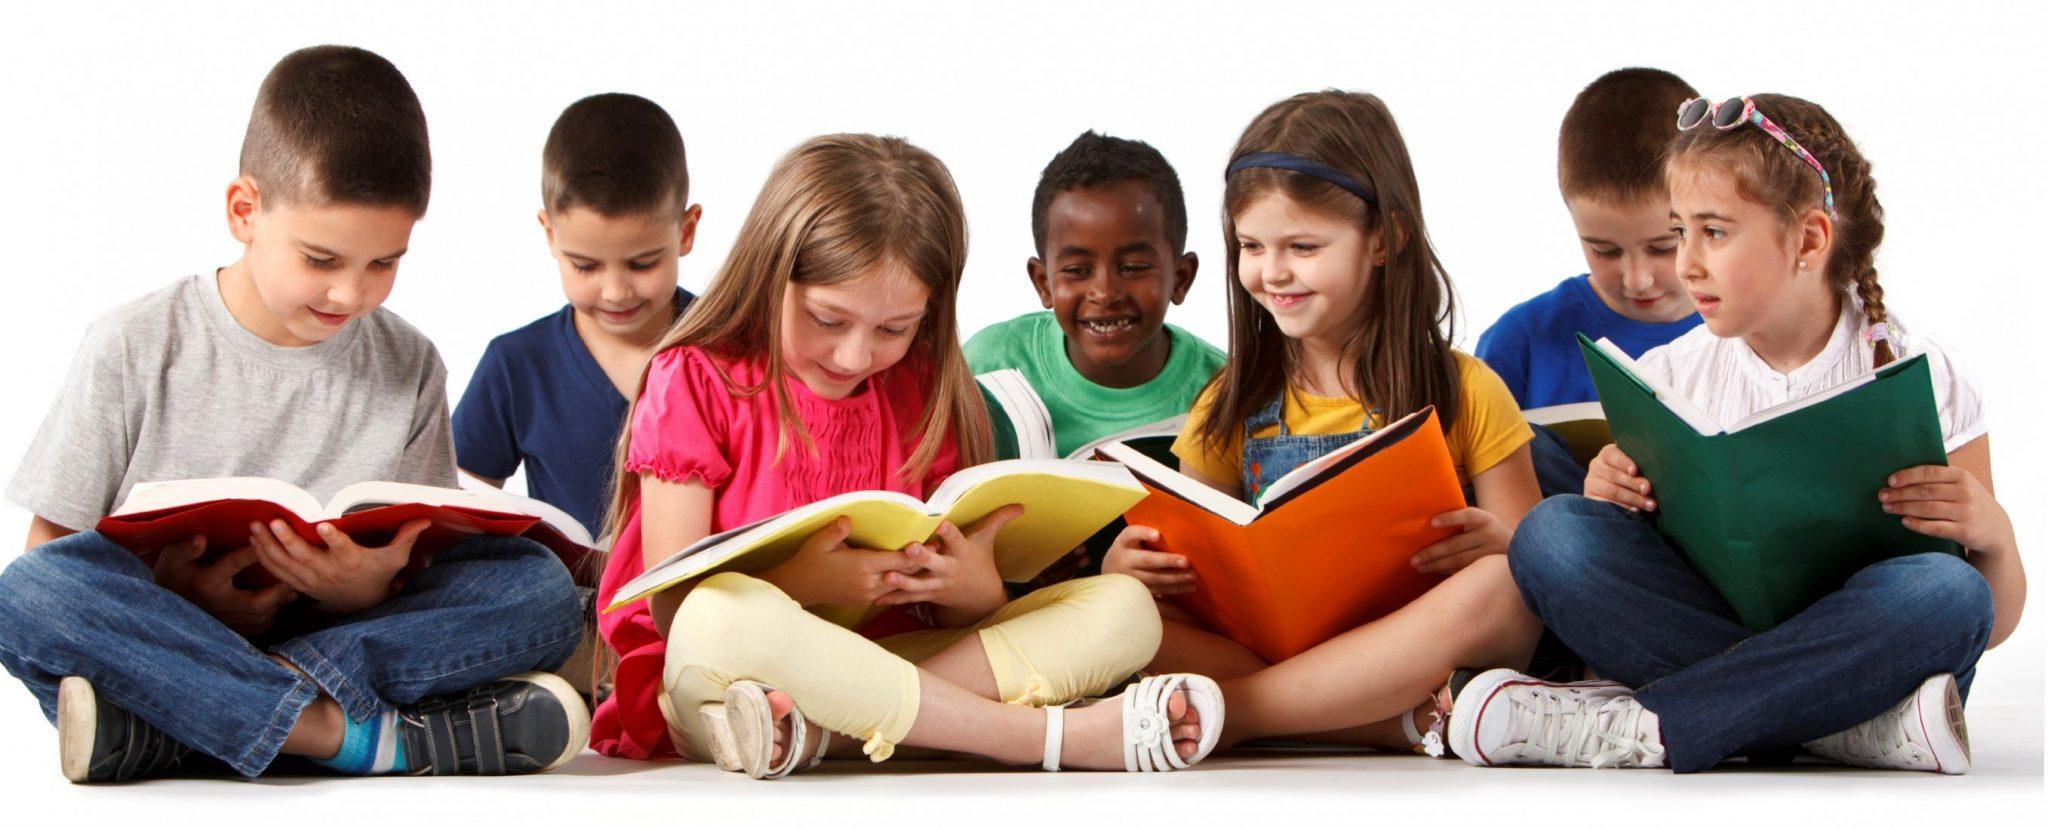 چگونه بچهها را منطقی باربیاوریم ؟-درست مصرف کنیم - آموزش همگانی - آگاهی مصرف